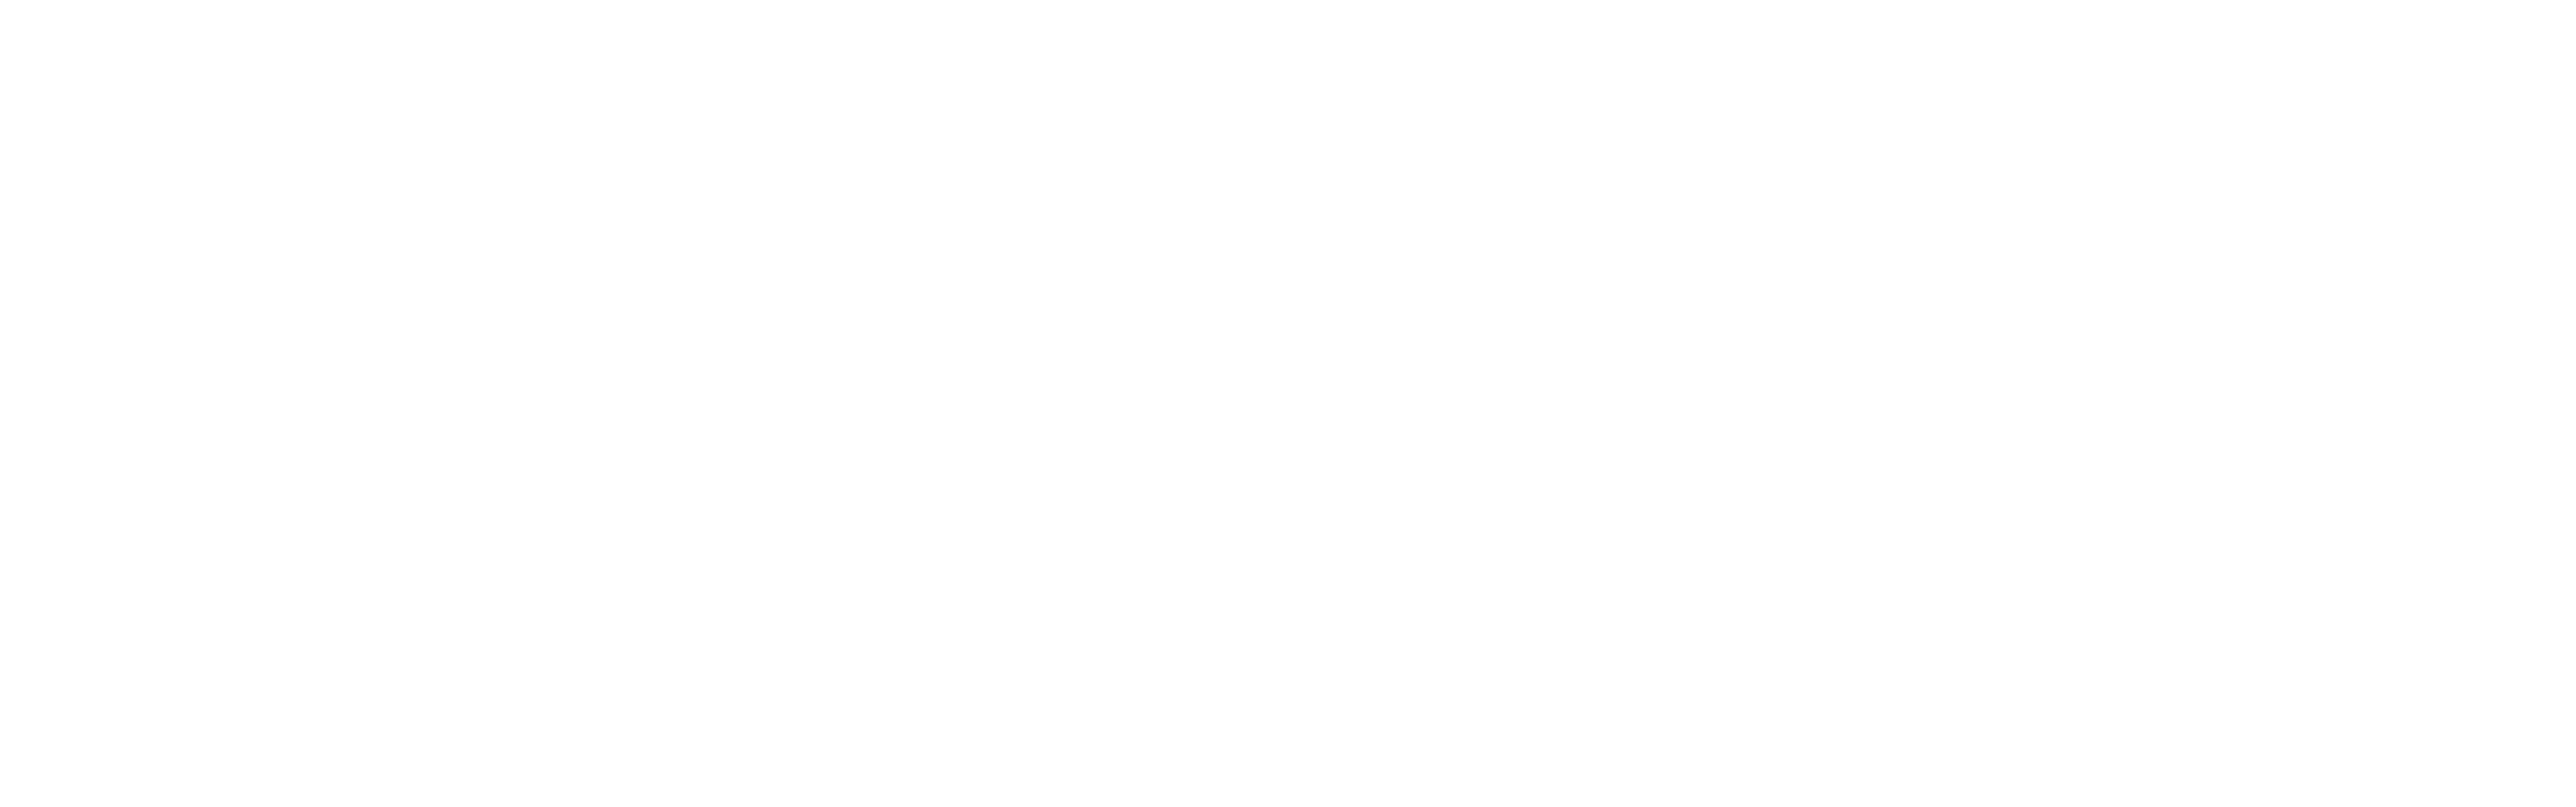 Smartops